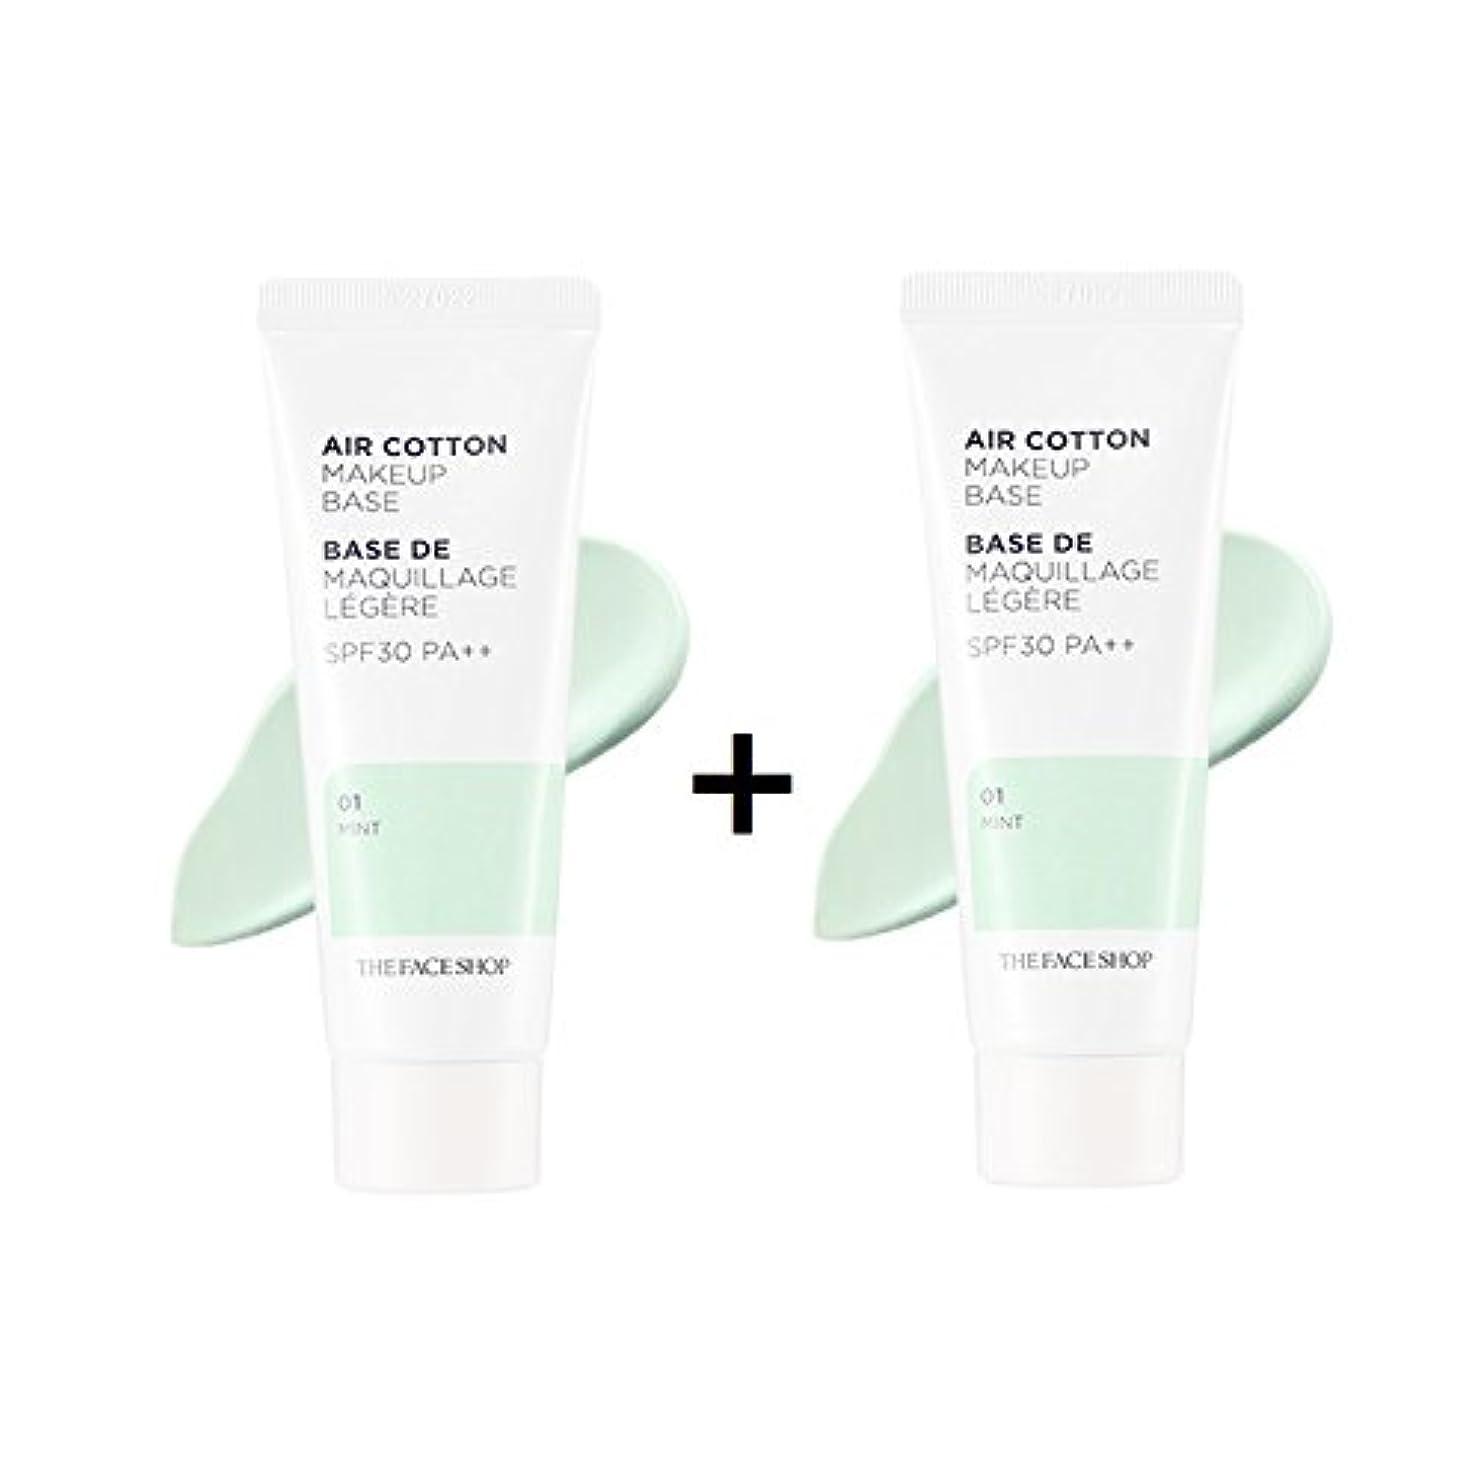 プラスチックスツール申込みザ·フェイスショップ The Face Shop エアコットン メーキャップ ベース 40ml(01 ミント x 2本) The Face Shop air Cotton Makeup Base 40ml(01 Mint...